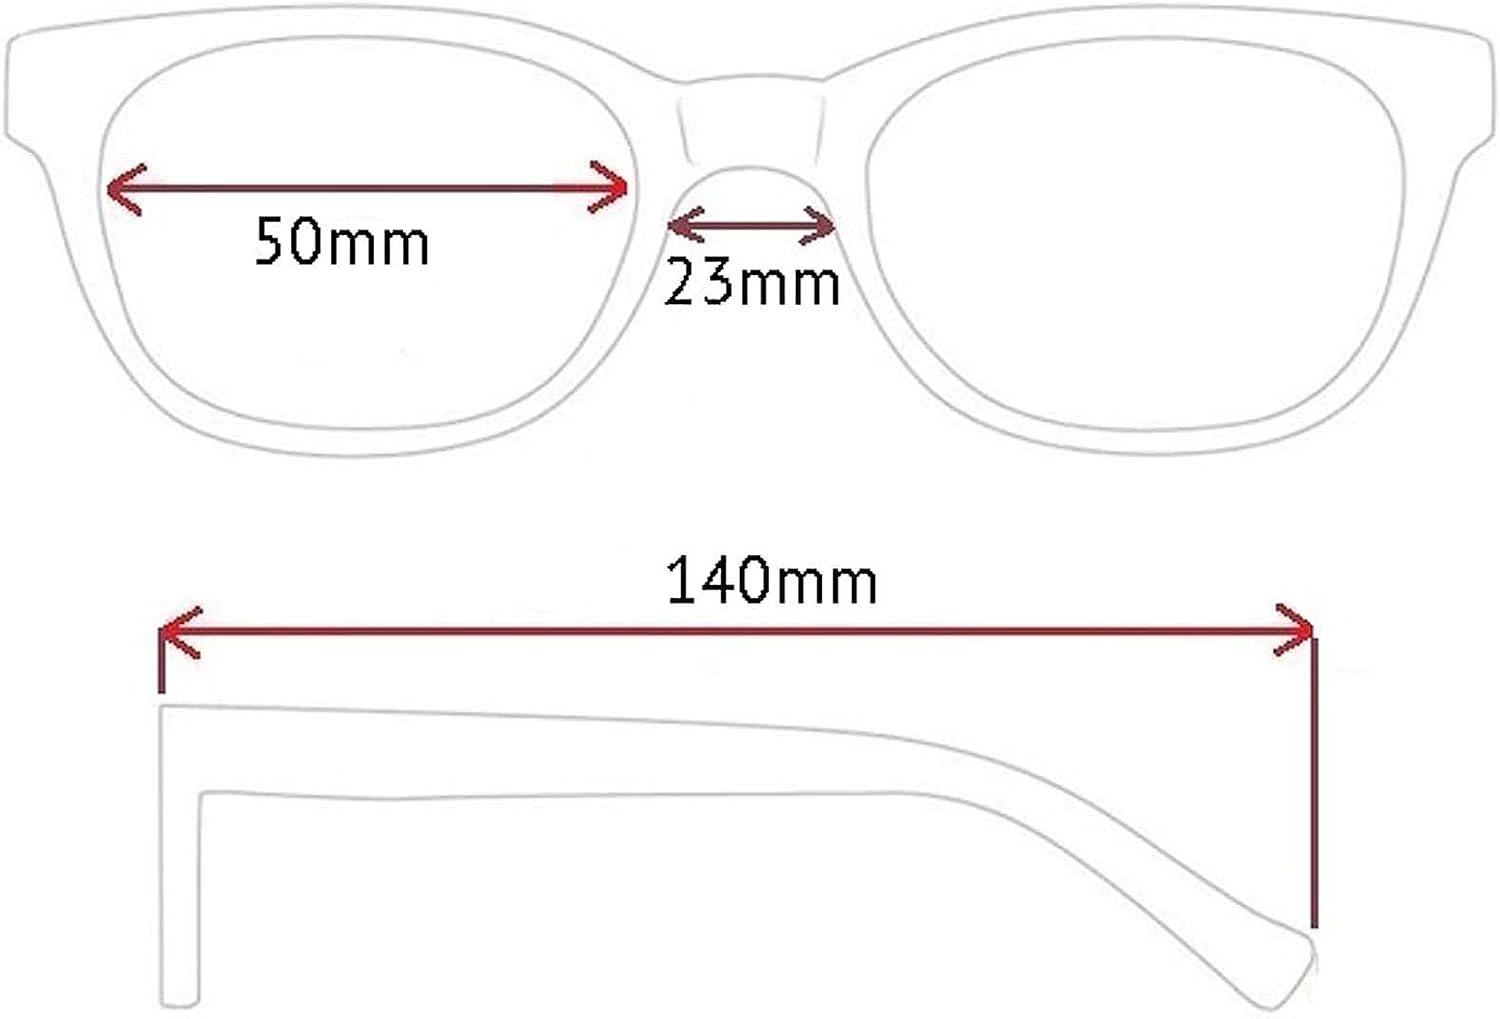 Rainbow safety Gli Occhiali Presbiopia per Lettura Uomini Donne Telaio Ultraleggeri Miami RRC 1.75D Blu